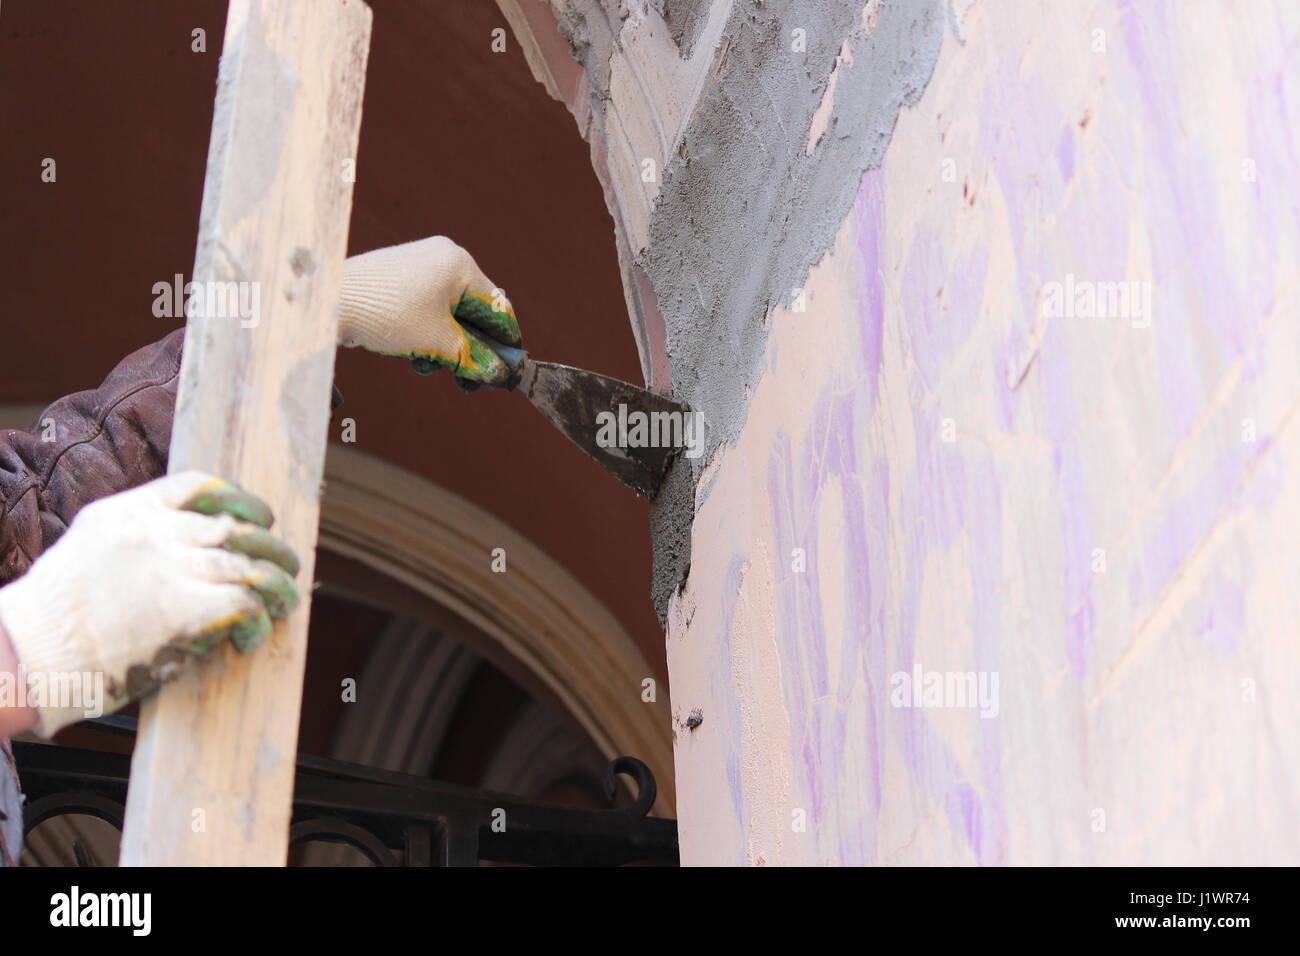 Bauarbeiter tragen Arbeitnehmer insgesamt mit Wand verputzen